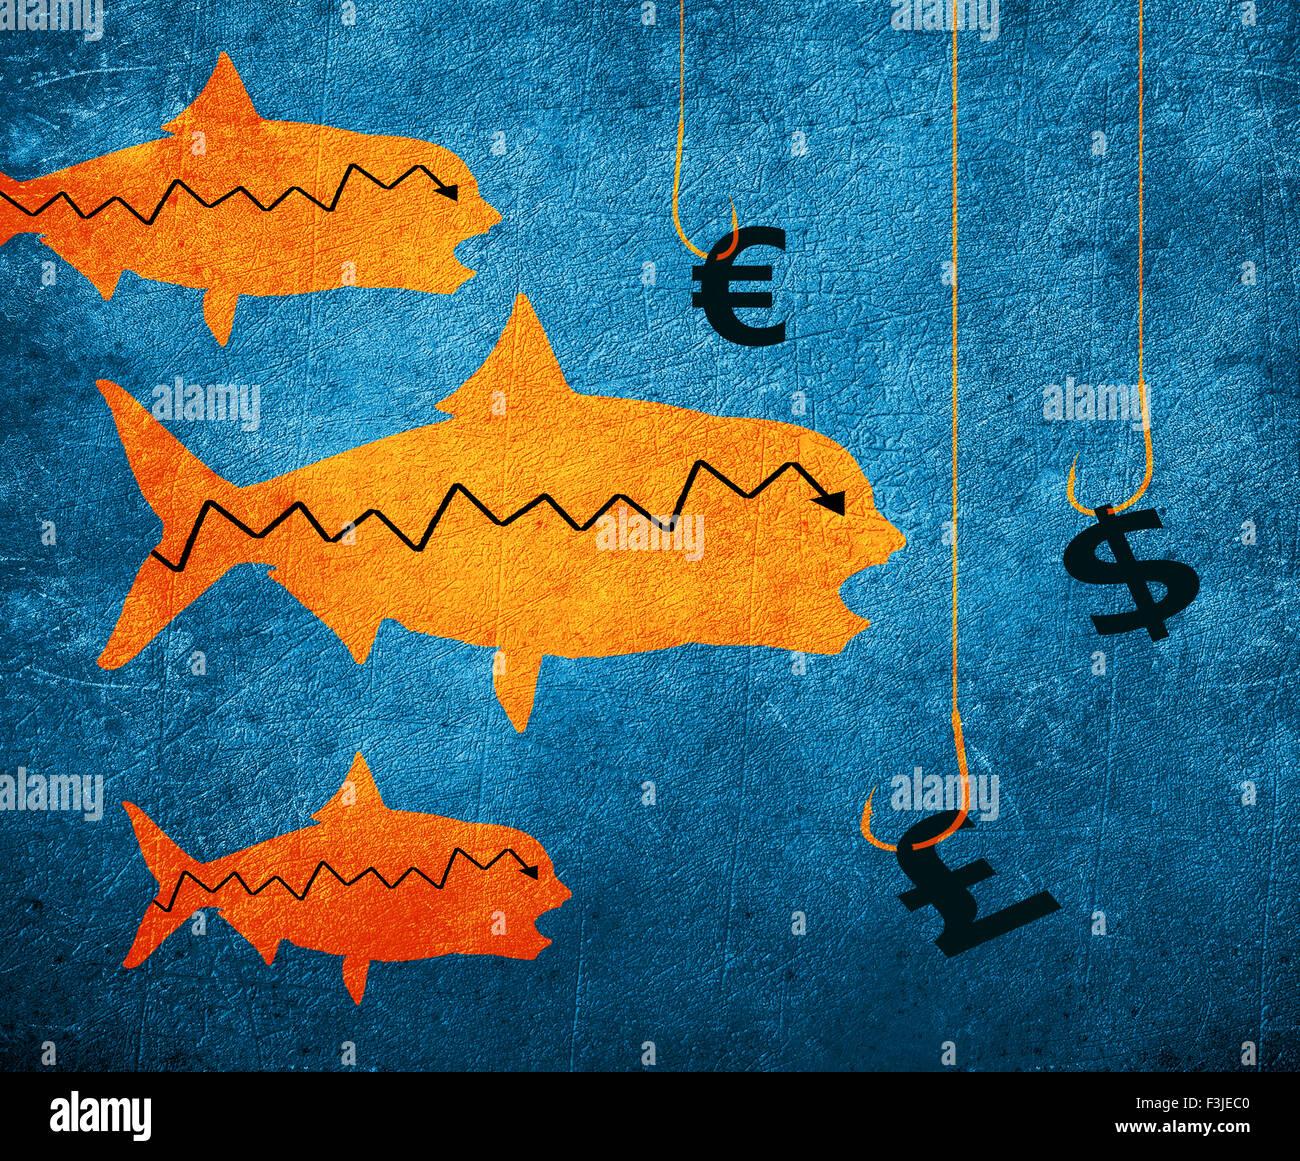 La pesca del pesce gancio e denaro simbolo illustrazione digitale Immagini Stock